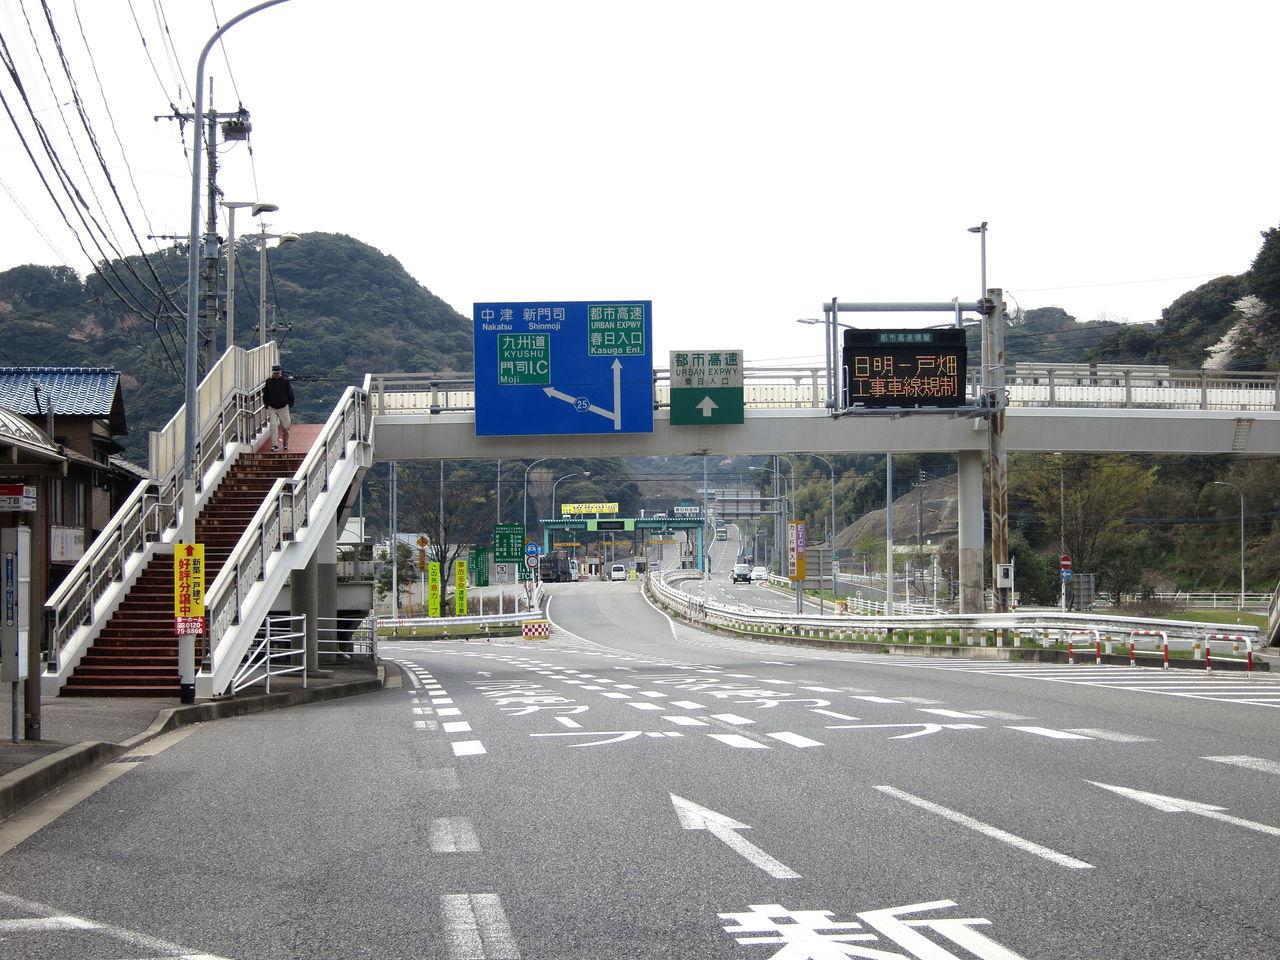 門司区春日町 : 九州 街歩きの旅